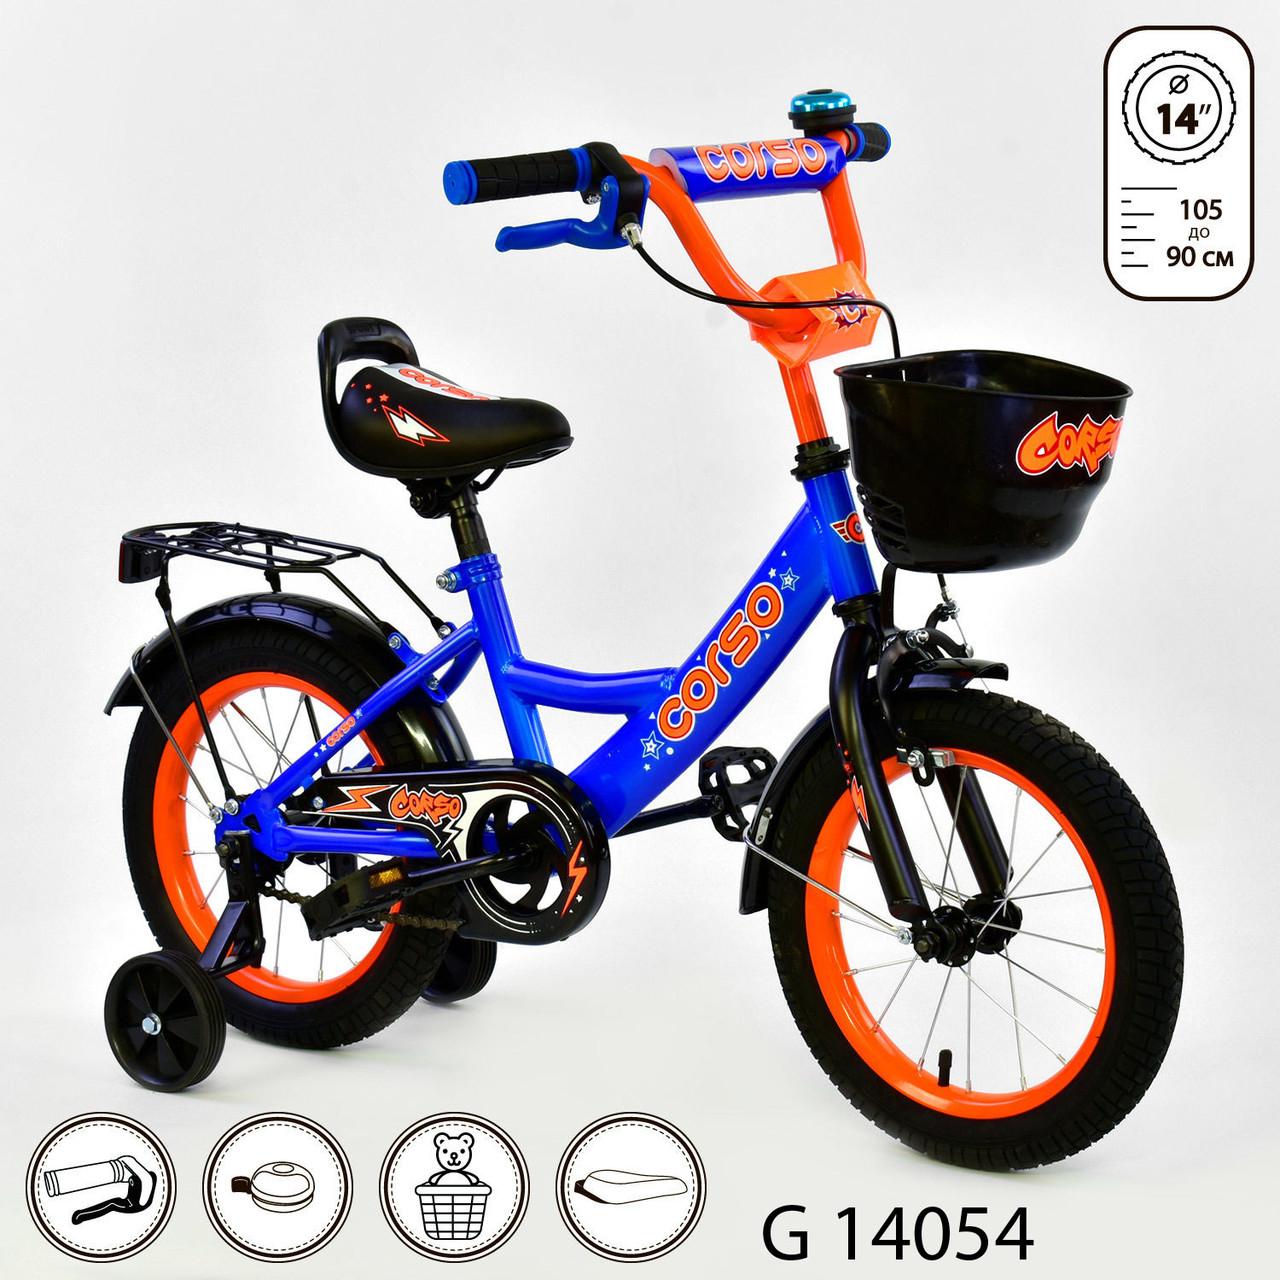 Велосипед детский двухколёсный Corso G 14 дюймов